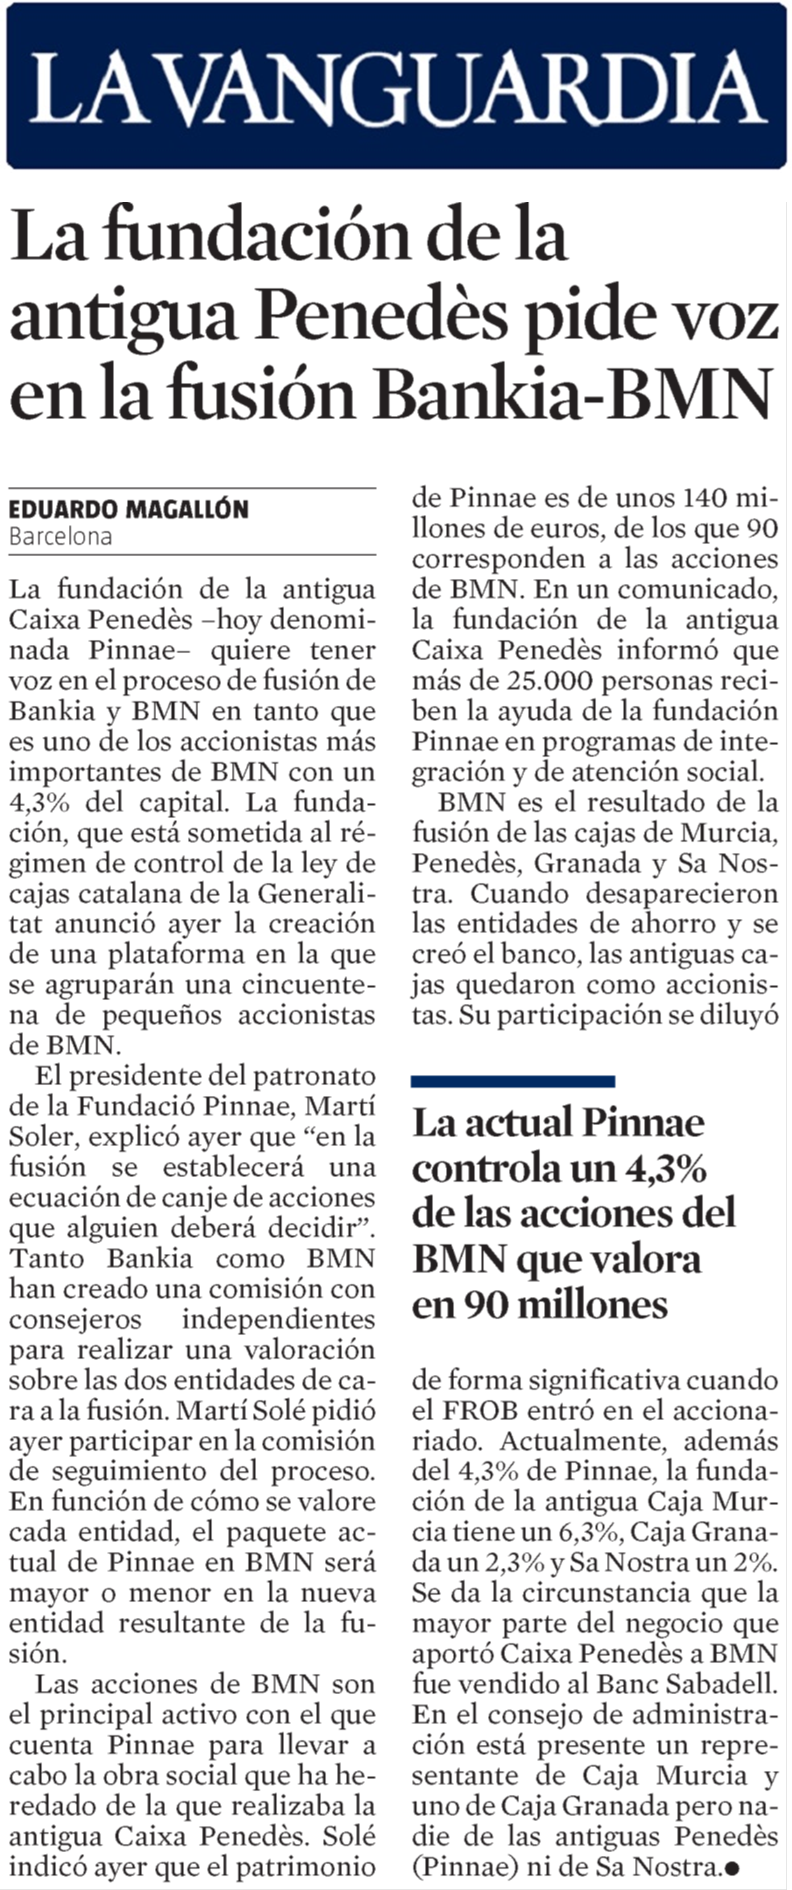 2017-04-27 La Vanguardia - La fundación de la antigua Penedès pide voz en la fusión Bankia-BMN